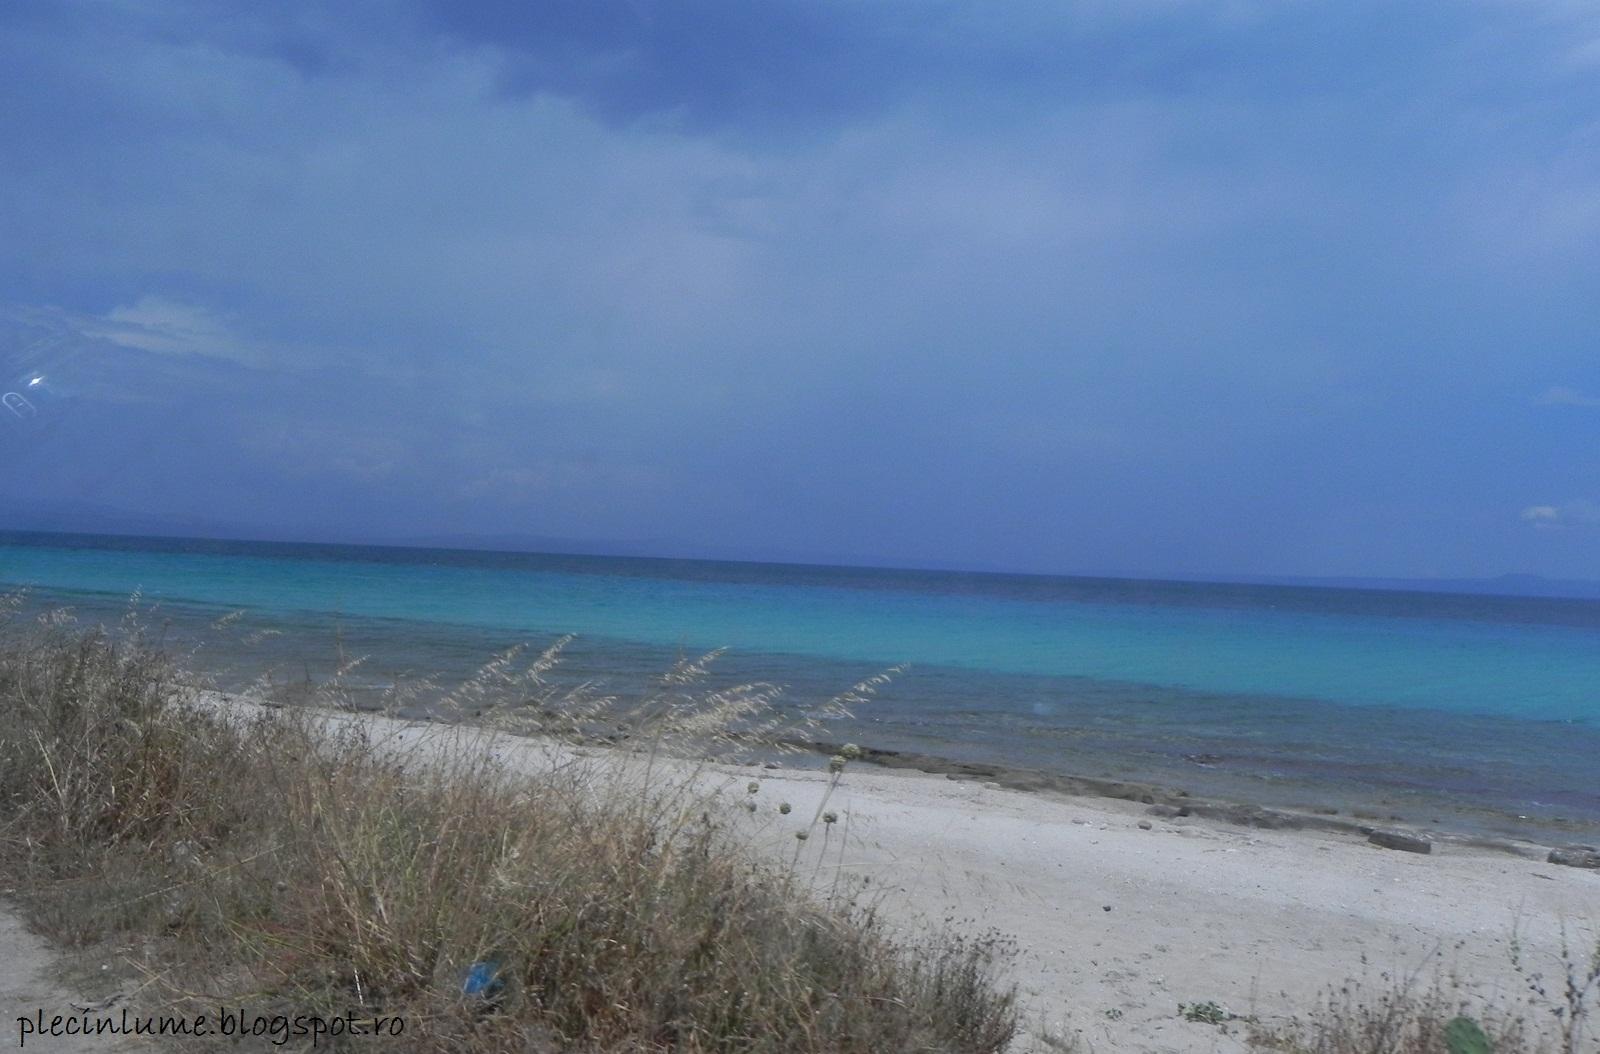 Plaje in Kassandra, Halkidiki